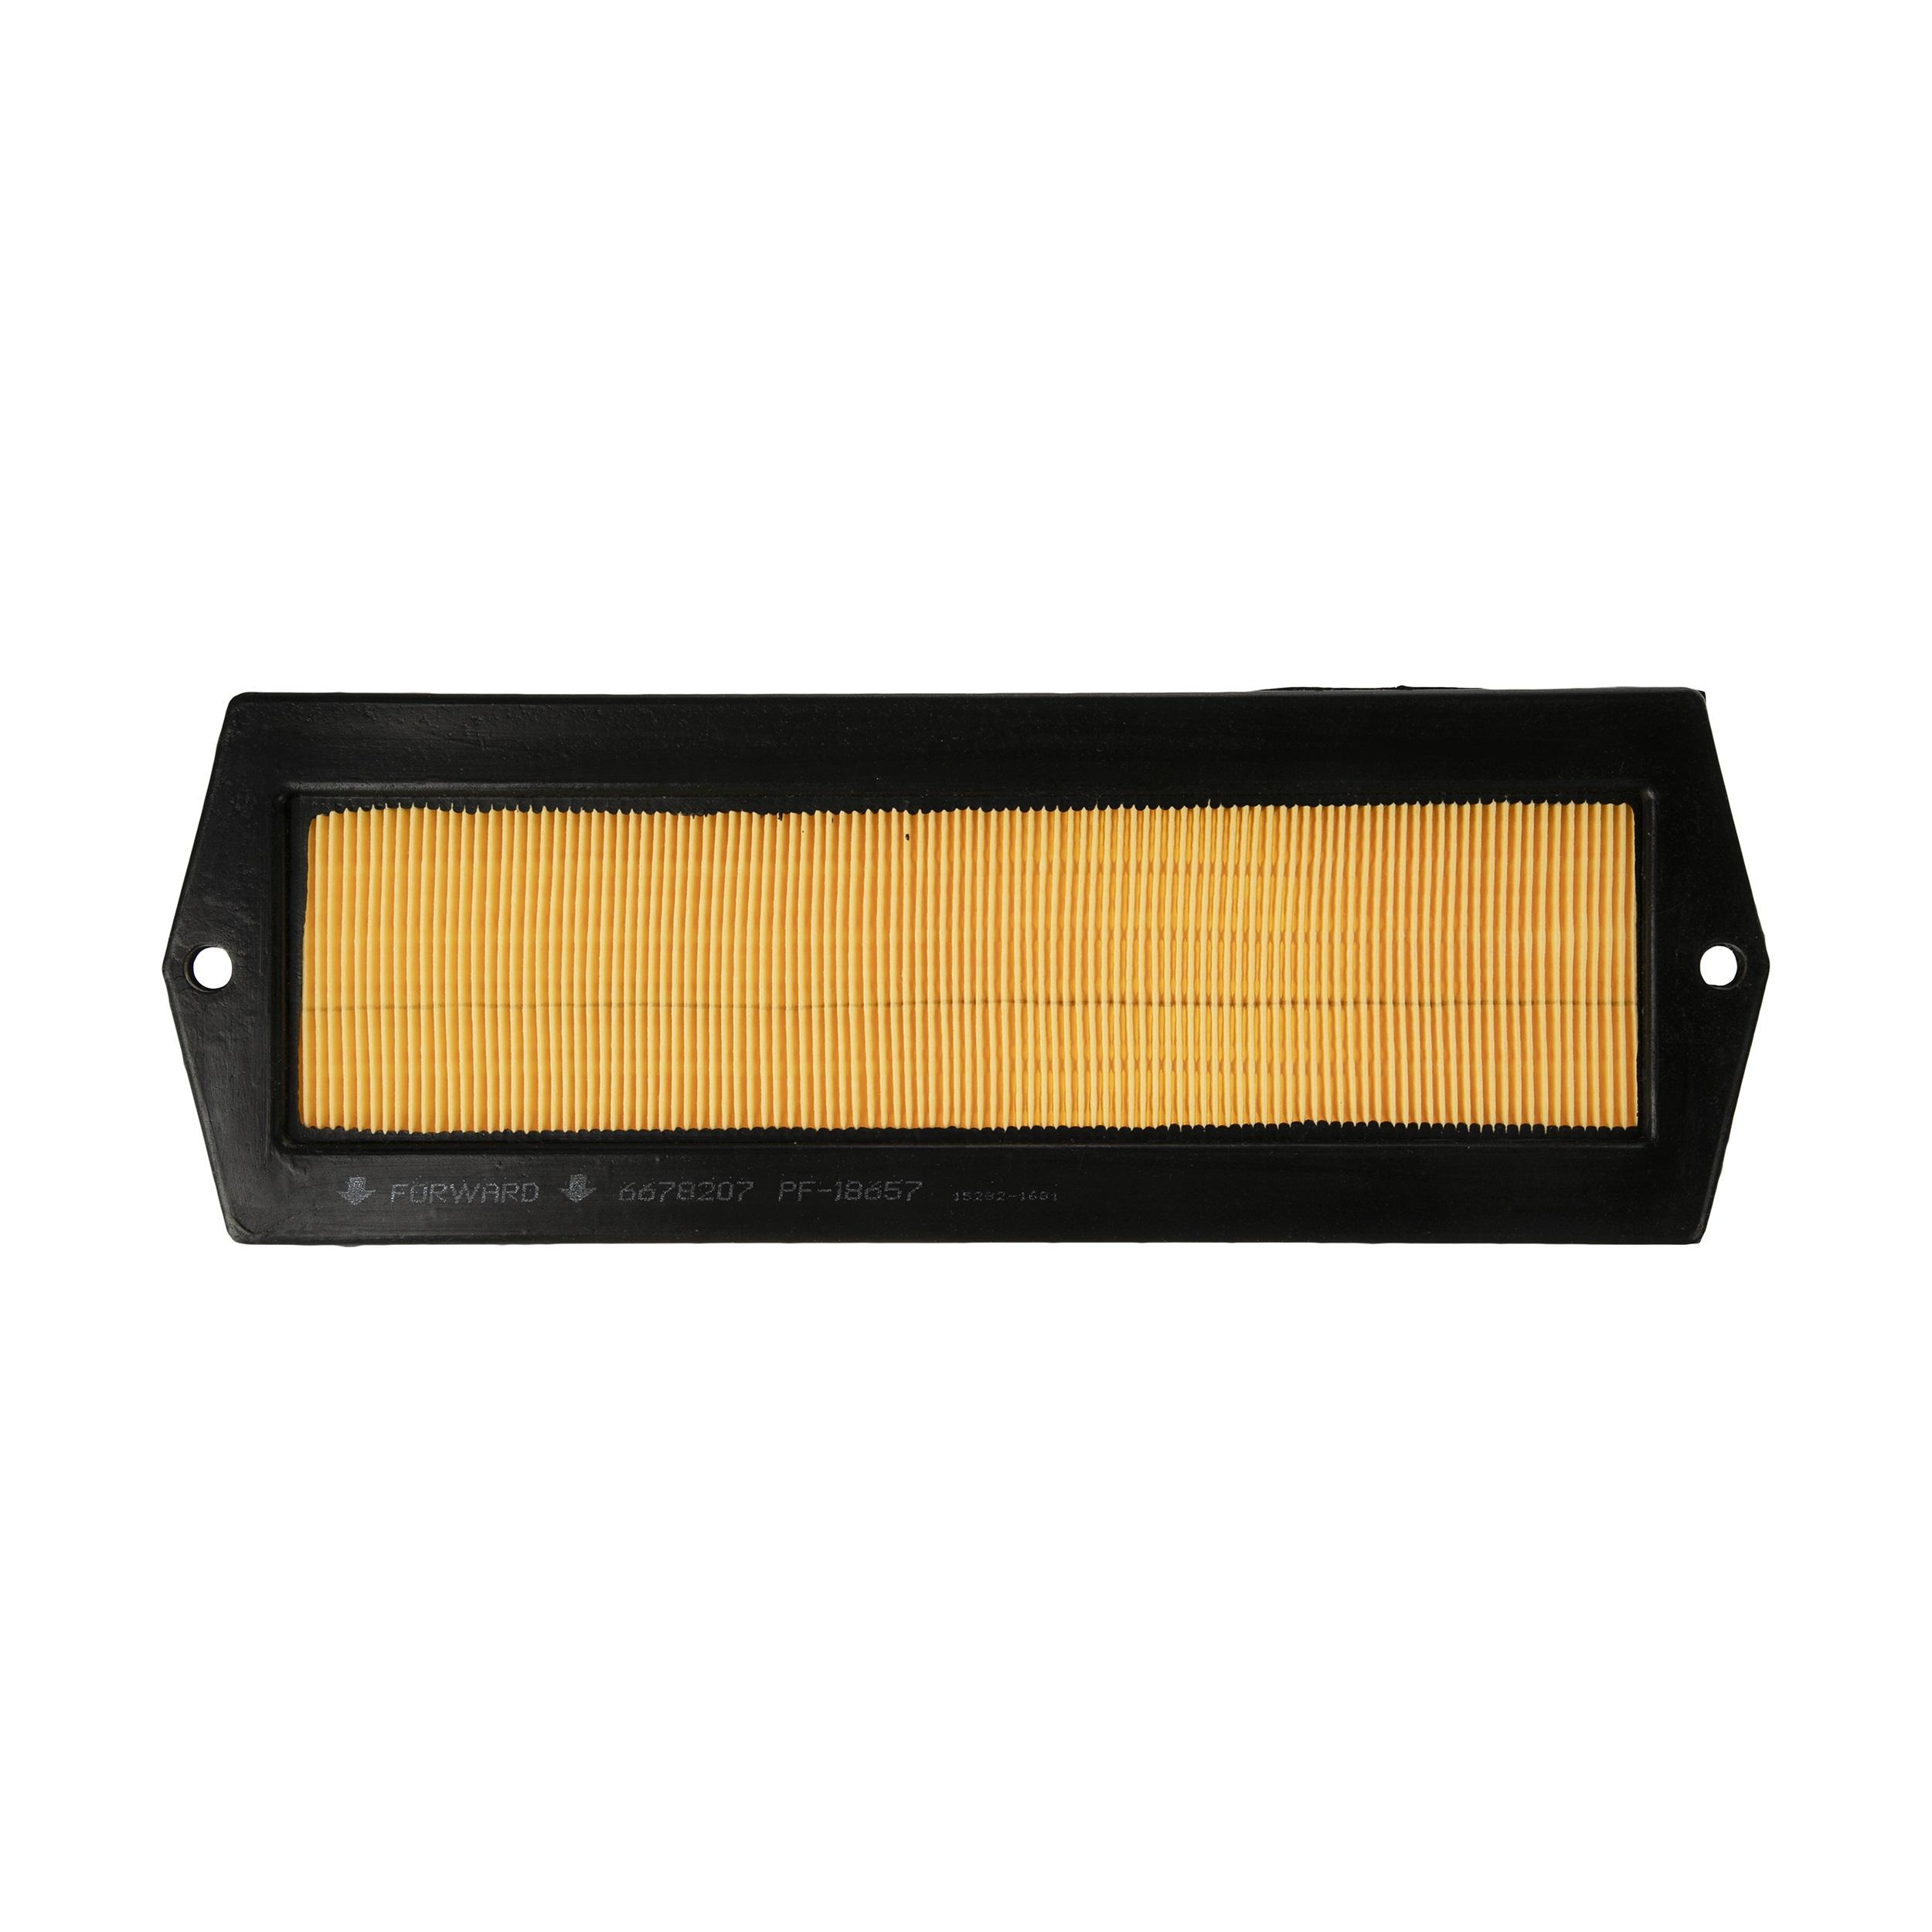 فیلتر کابین مدل T 2126005